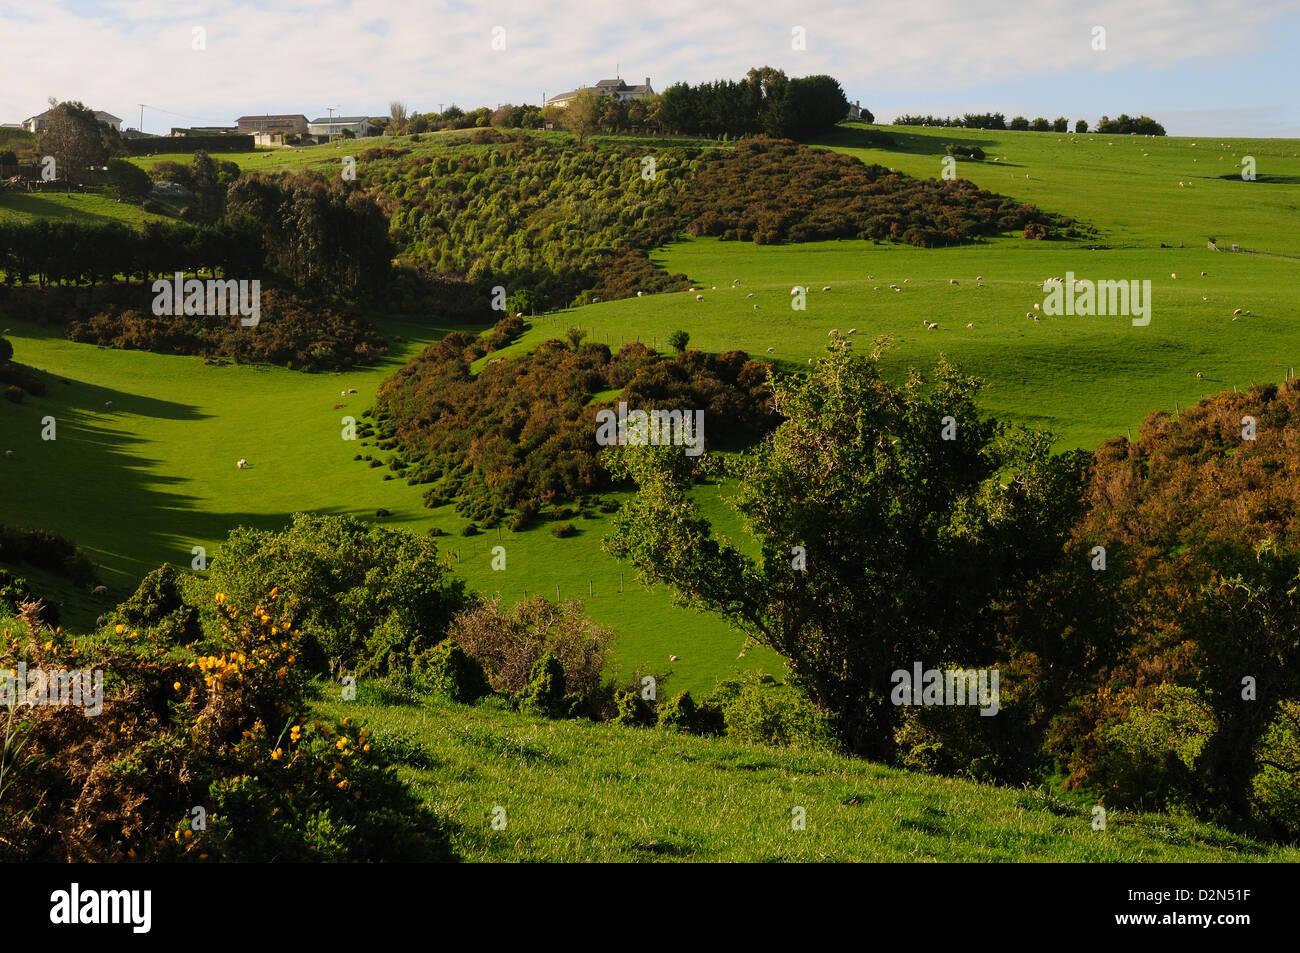 Plaines de Péninsule d'Otago, île du Sud, Nouvelle-Zélande, Pacifique Photo Stock